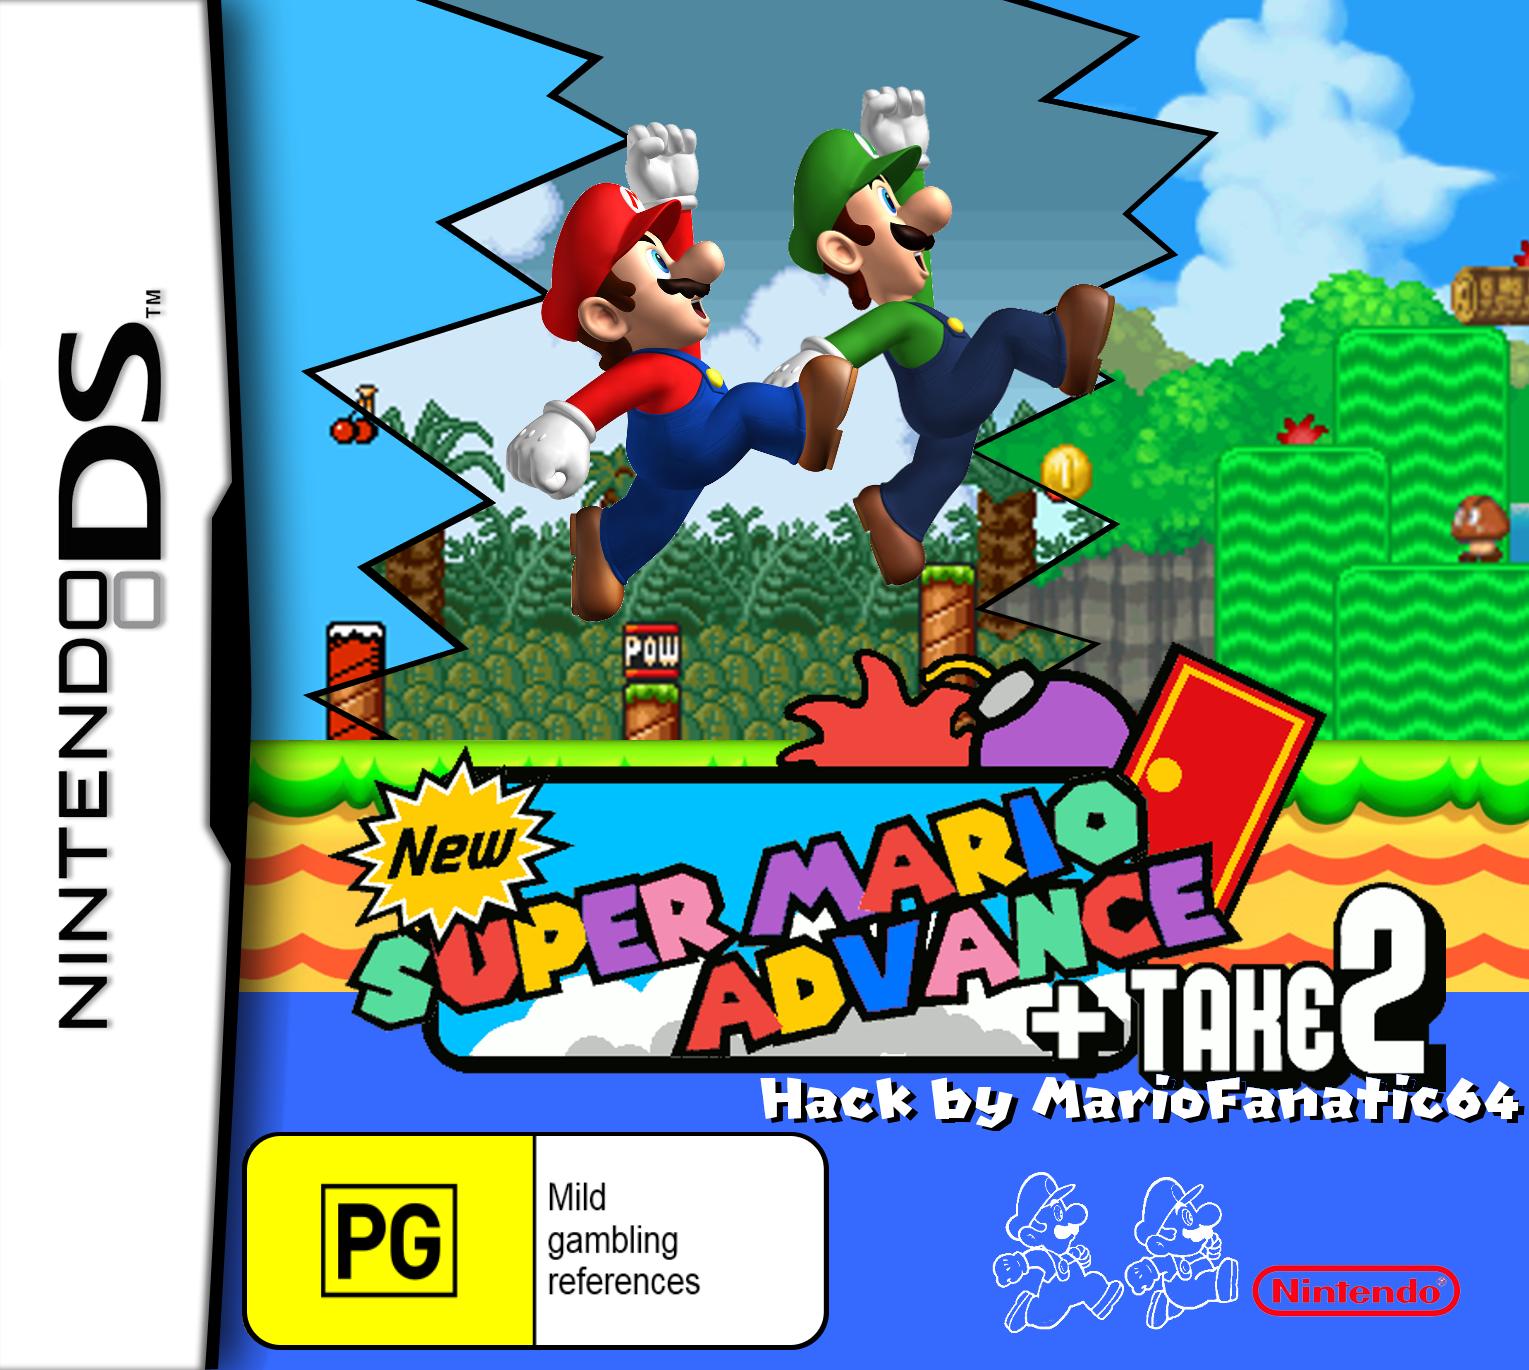 New Super Mario Advance + Take 2 | New Super Mario Bros  DS